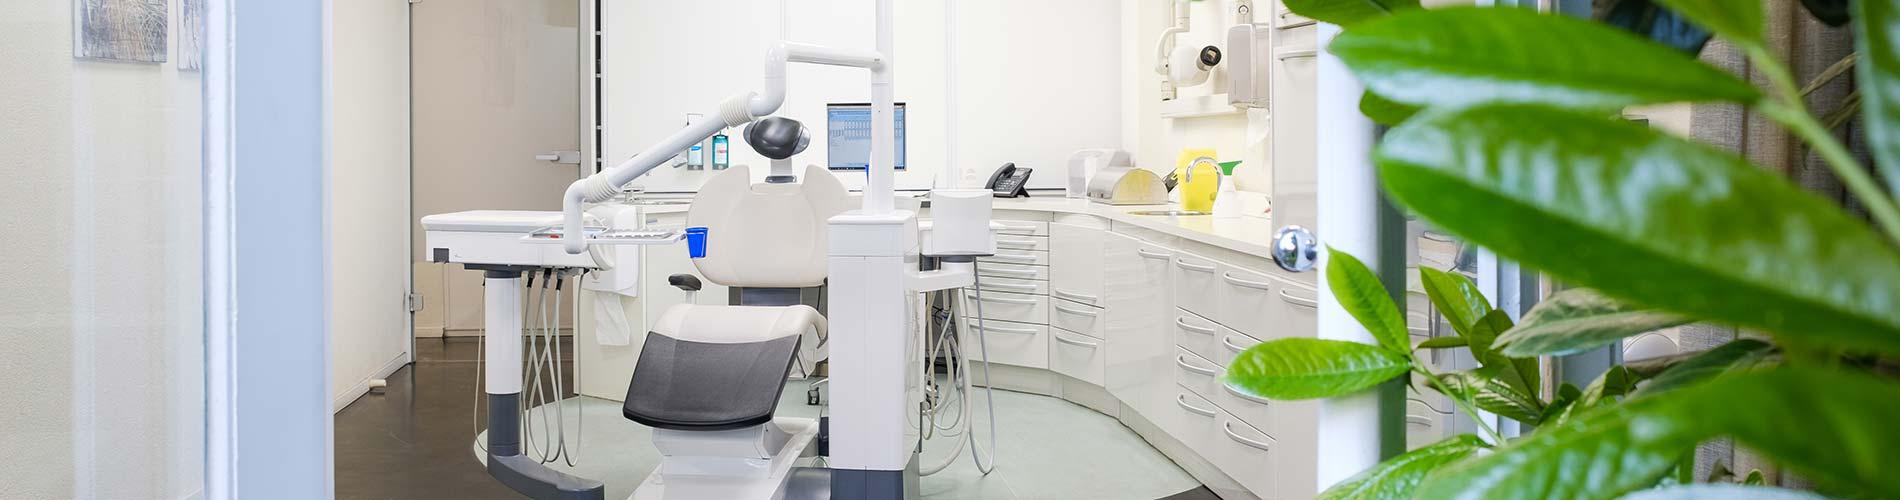 Tandarts Rivierenbuurt (Amsterdam): behandelkamer op de Rooseveltlaan.